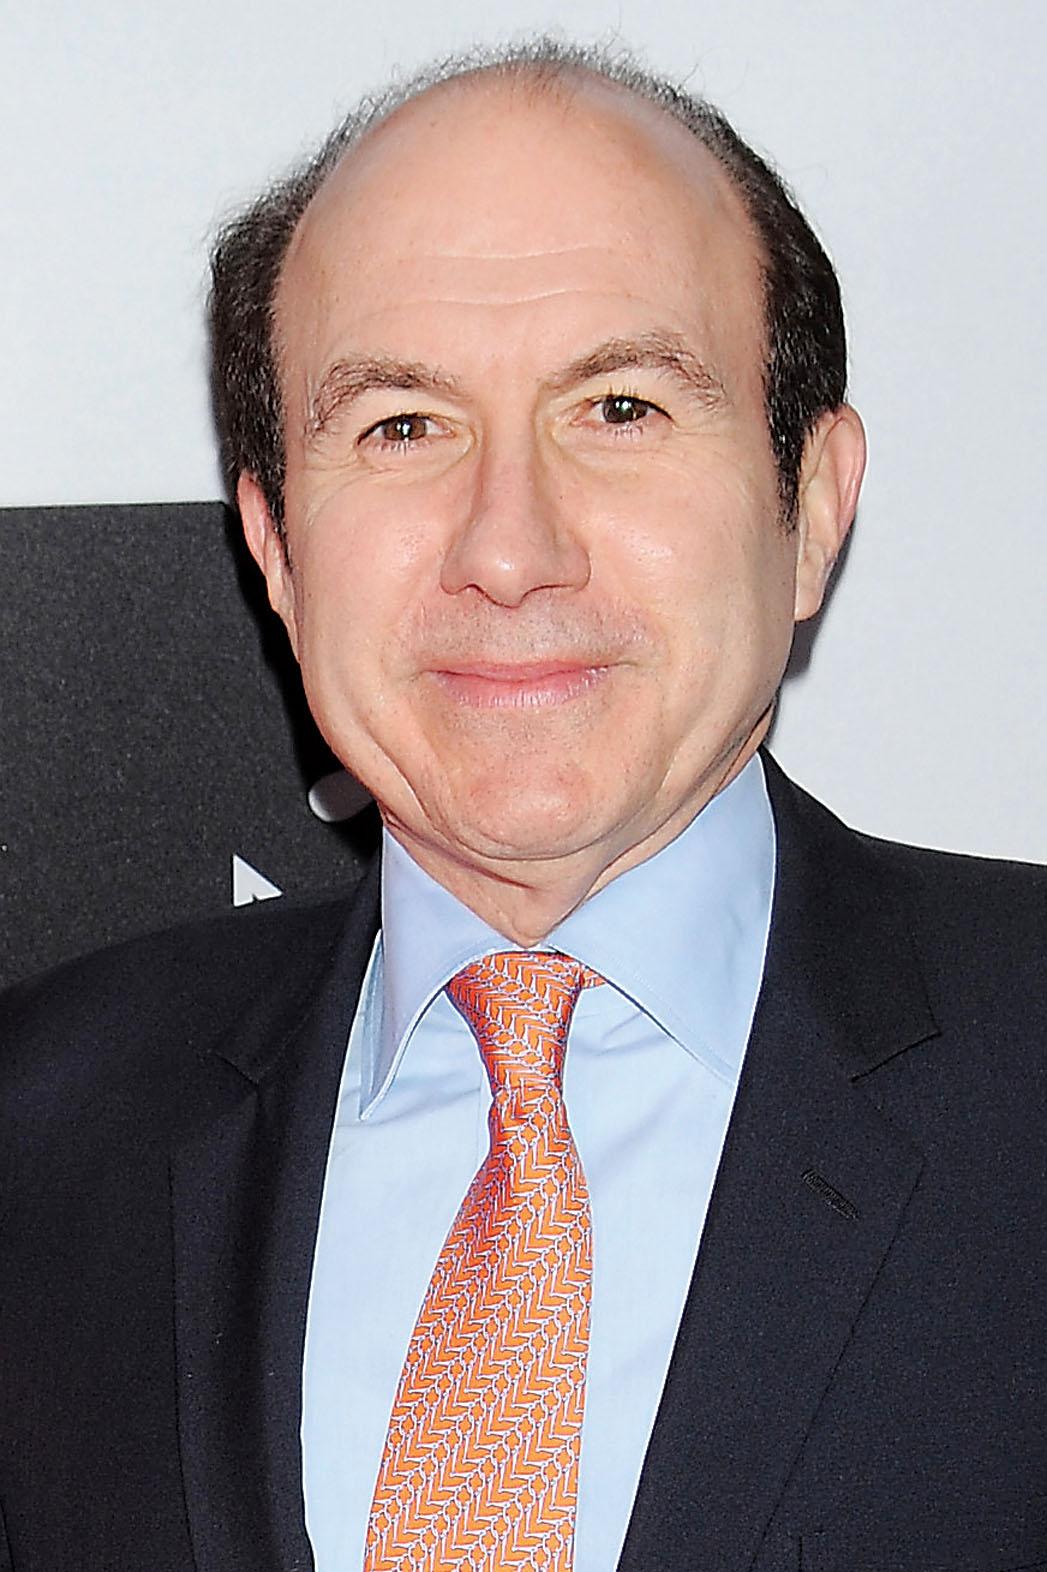 Philippe Dauman Headshot - P 2014